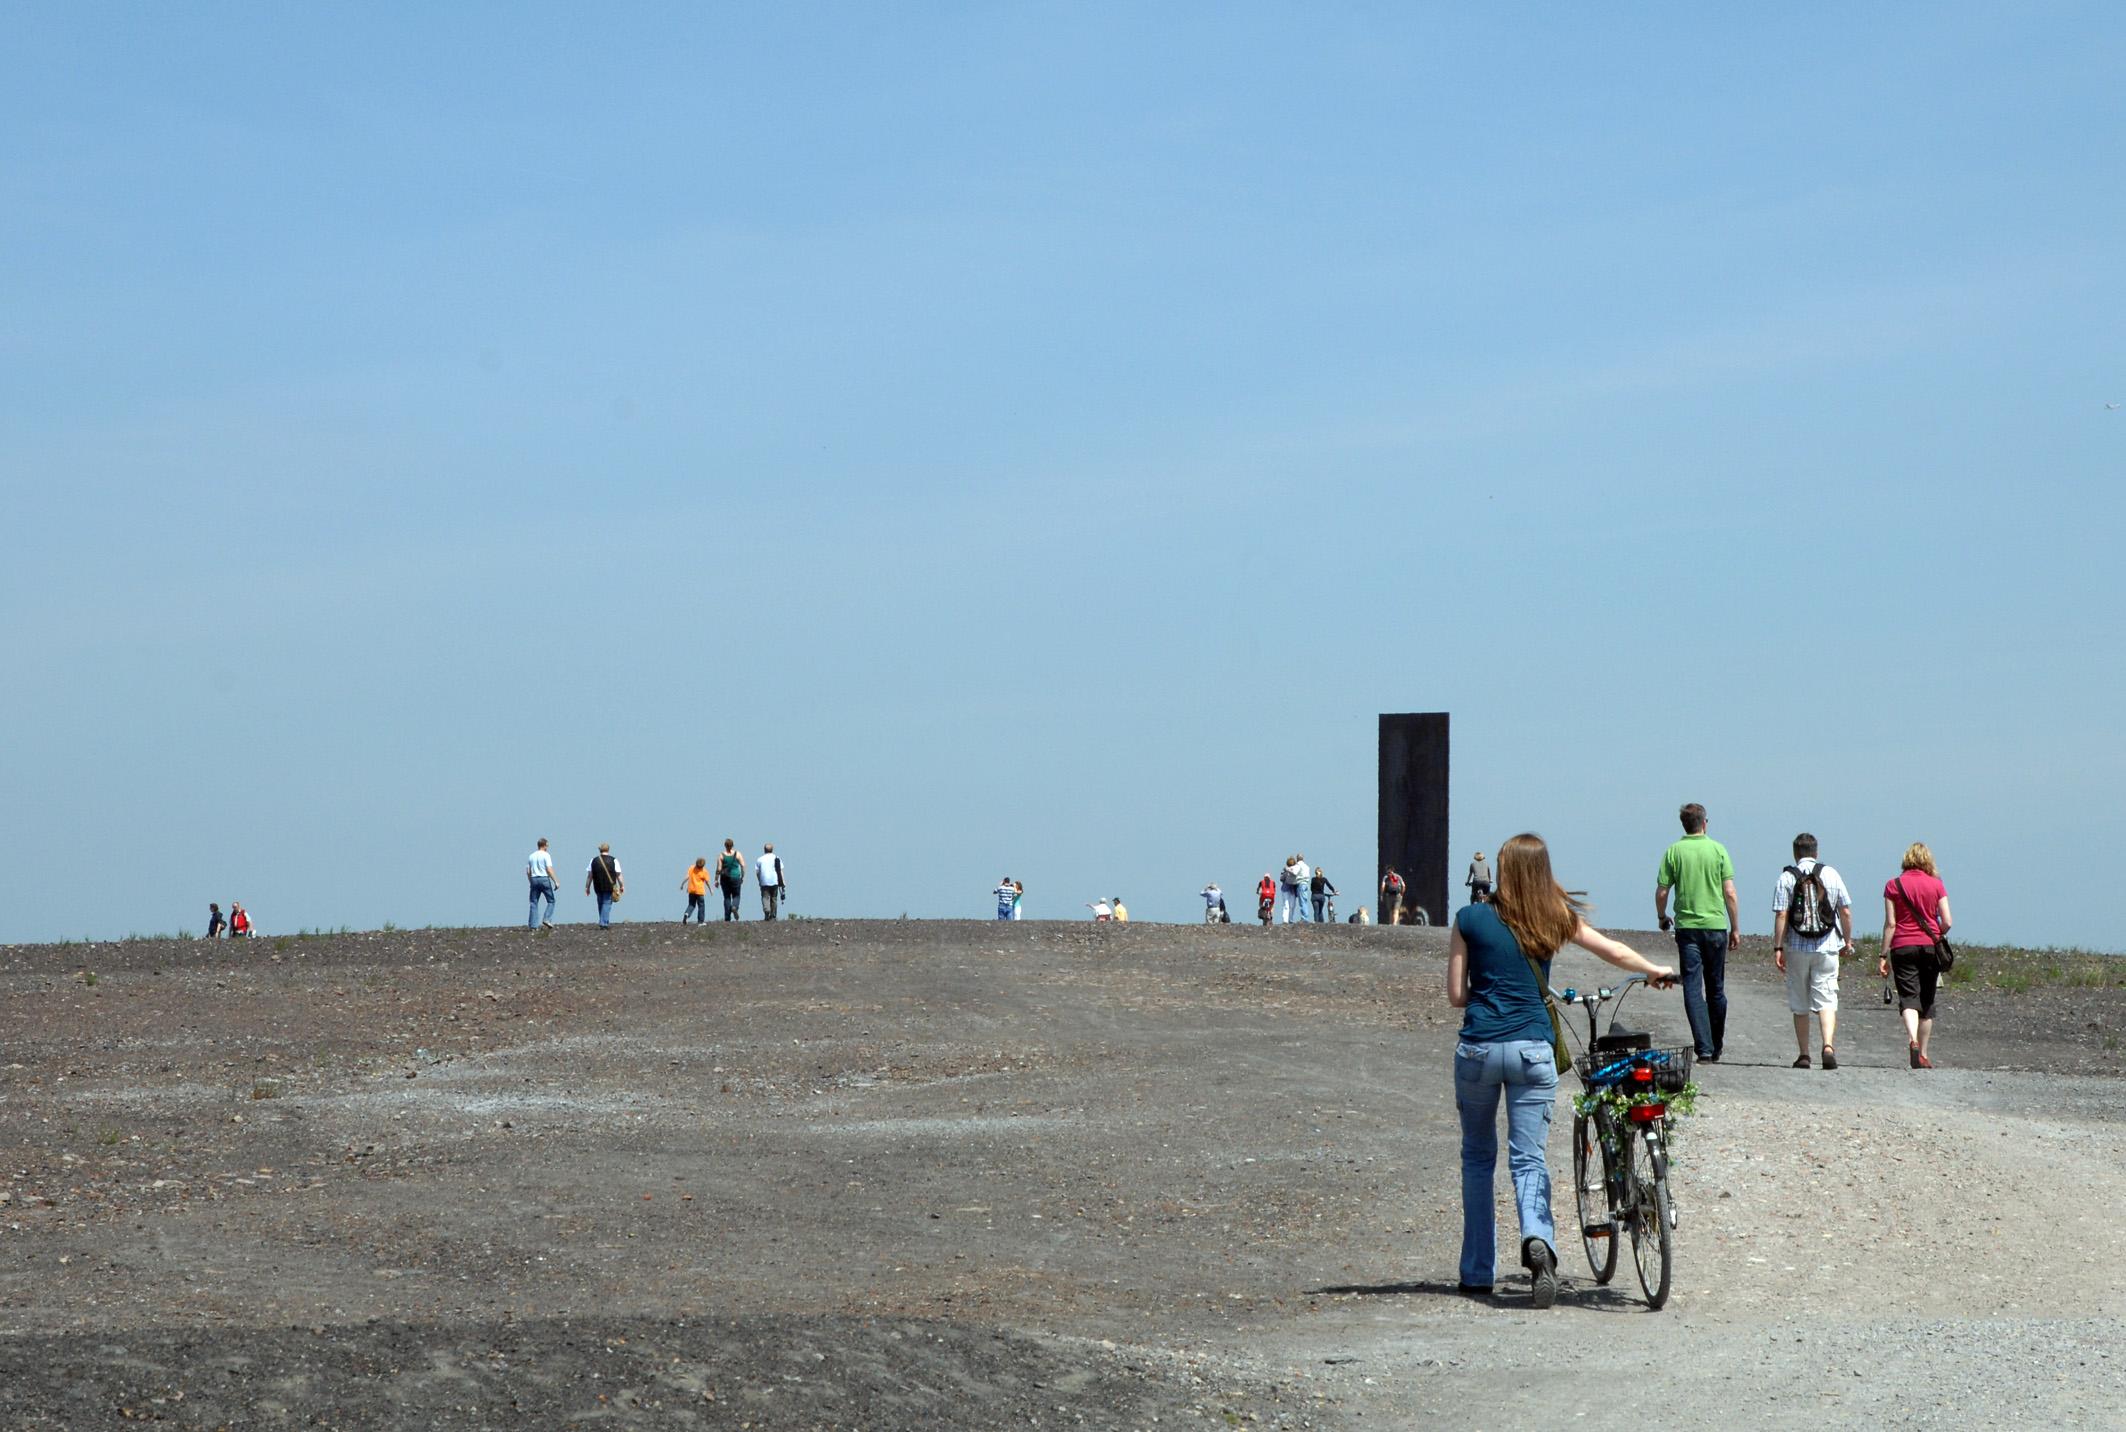 Die Schurenbachhalde mit der 15 m hohen Bramme für das Ruhrgebiet des amerikanischen Künstlers Richard Serra.